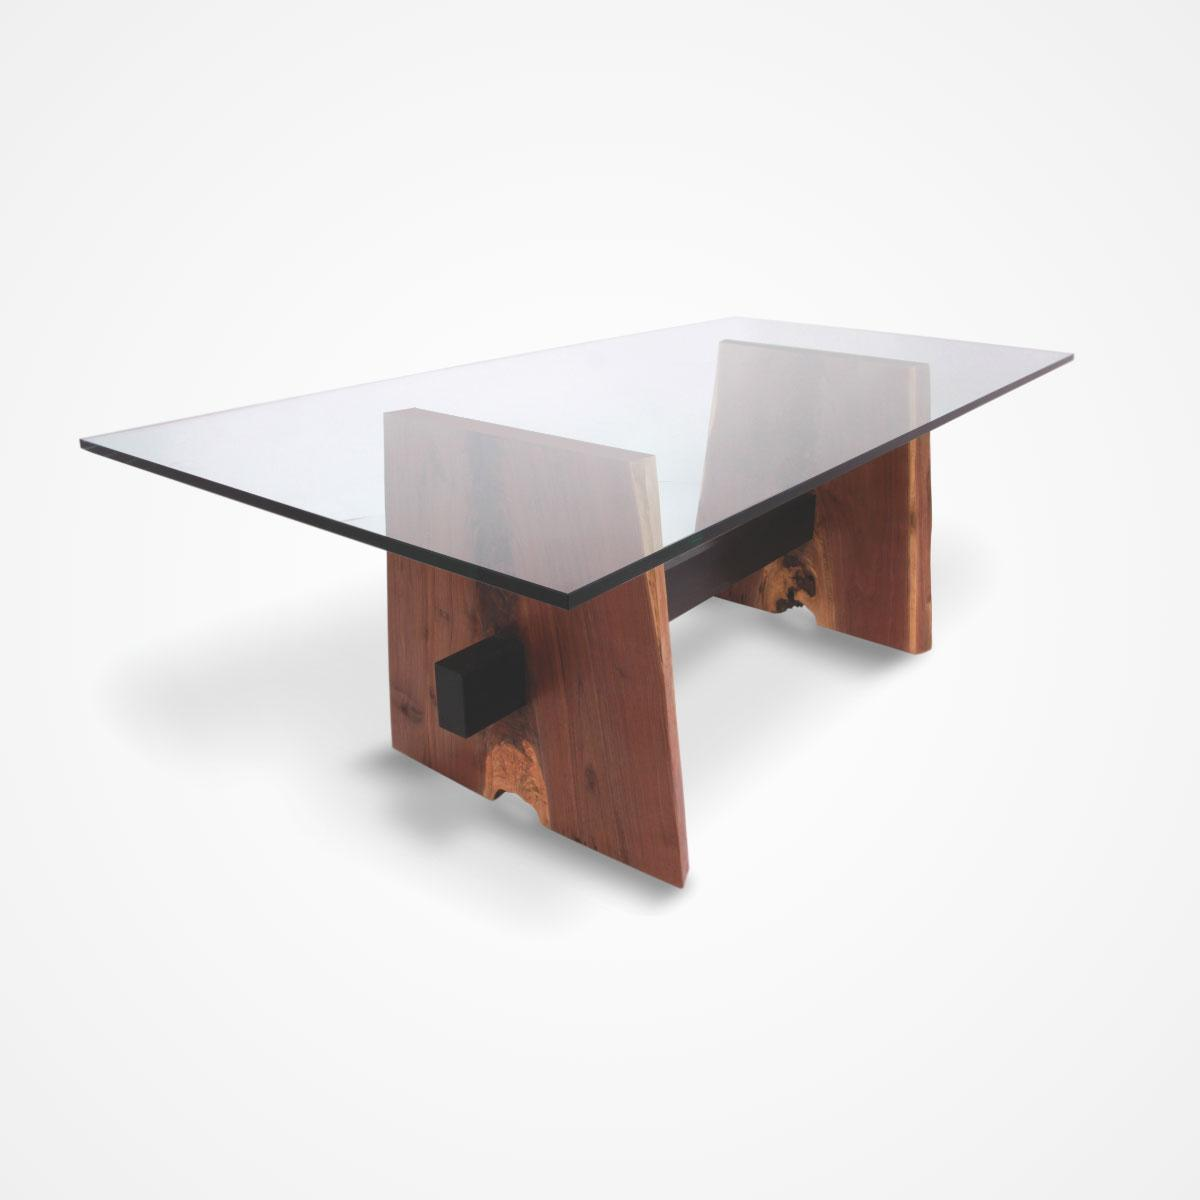 Скло на журнальний столик із загартованого скла за вашими розмірами